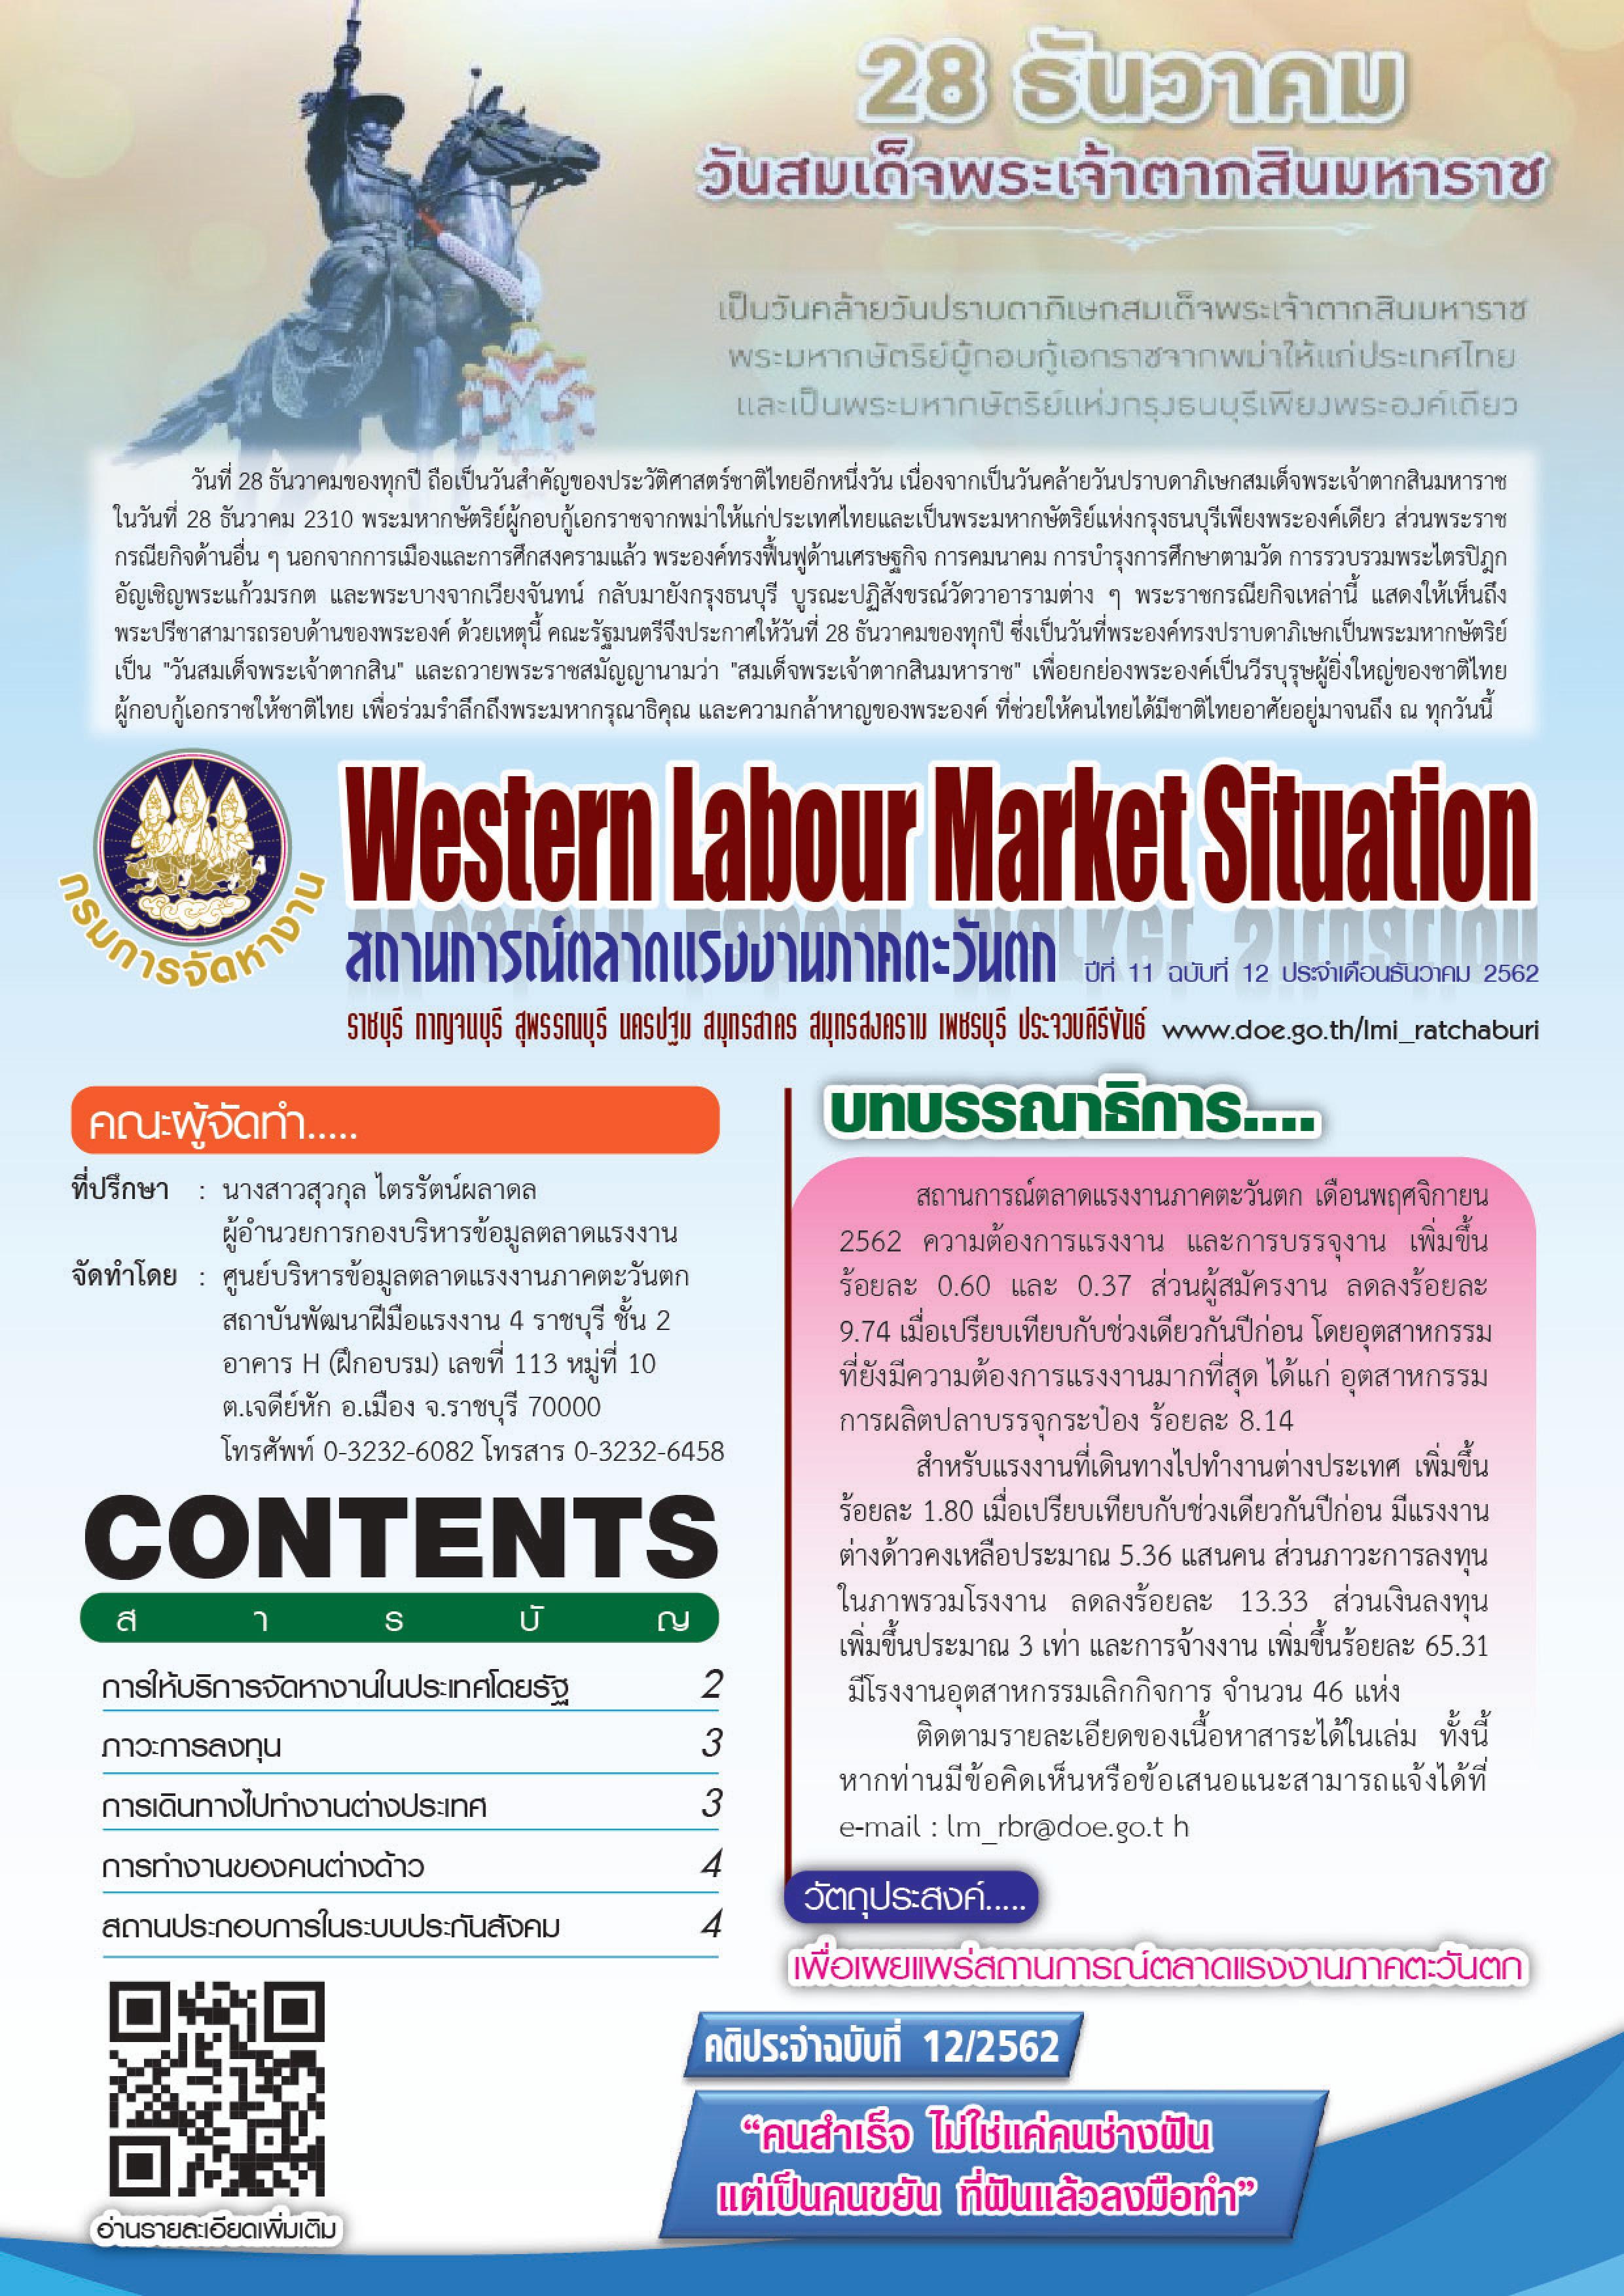 สถานการณ์ตลาดแรงงานภาคตะวันตก ปีที่ 11 ฉบับ 12 ประจำเดือนธันวาคม 2562